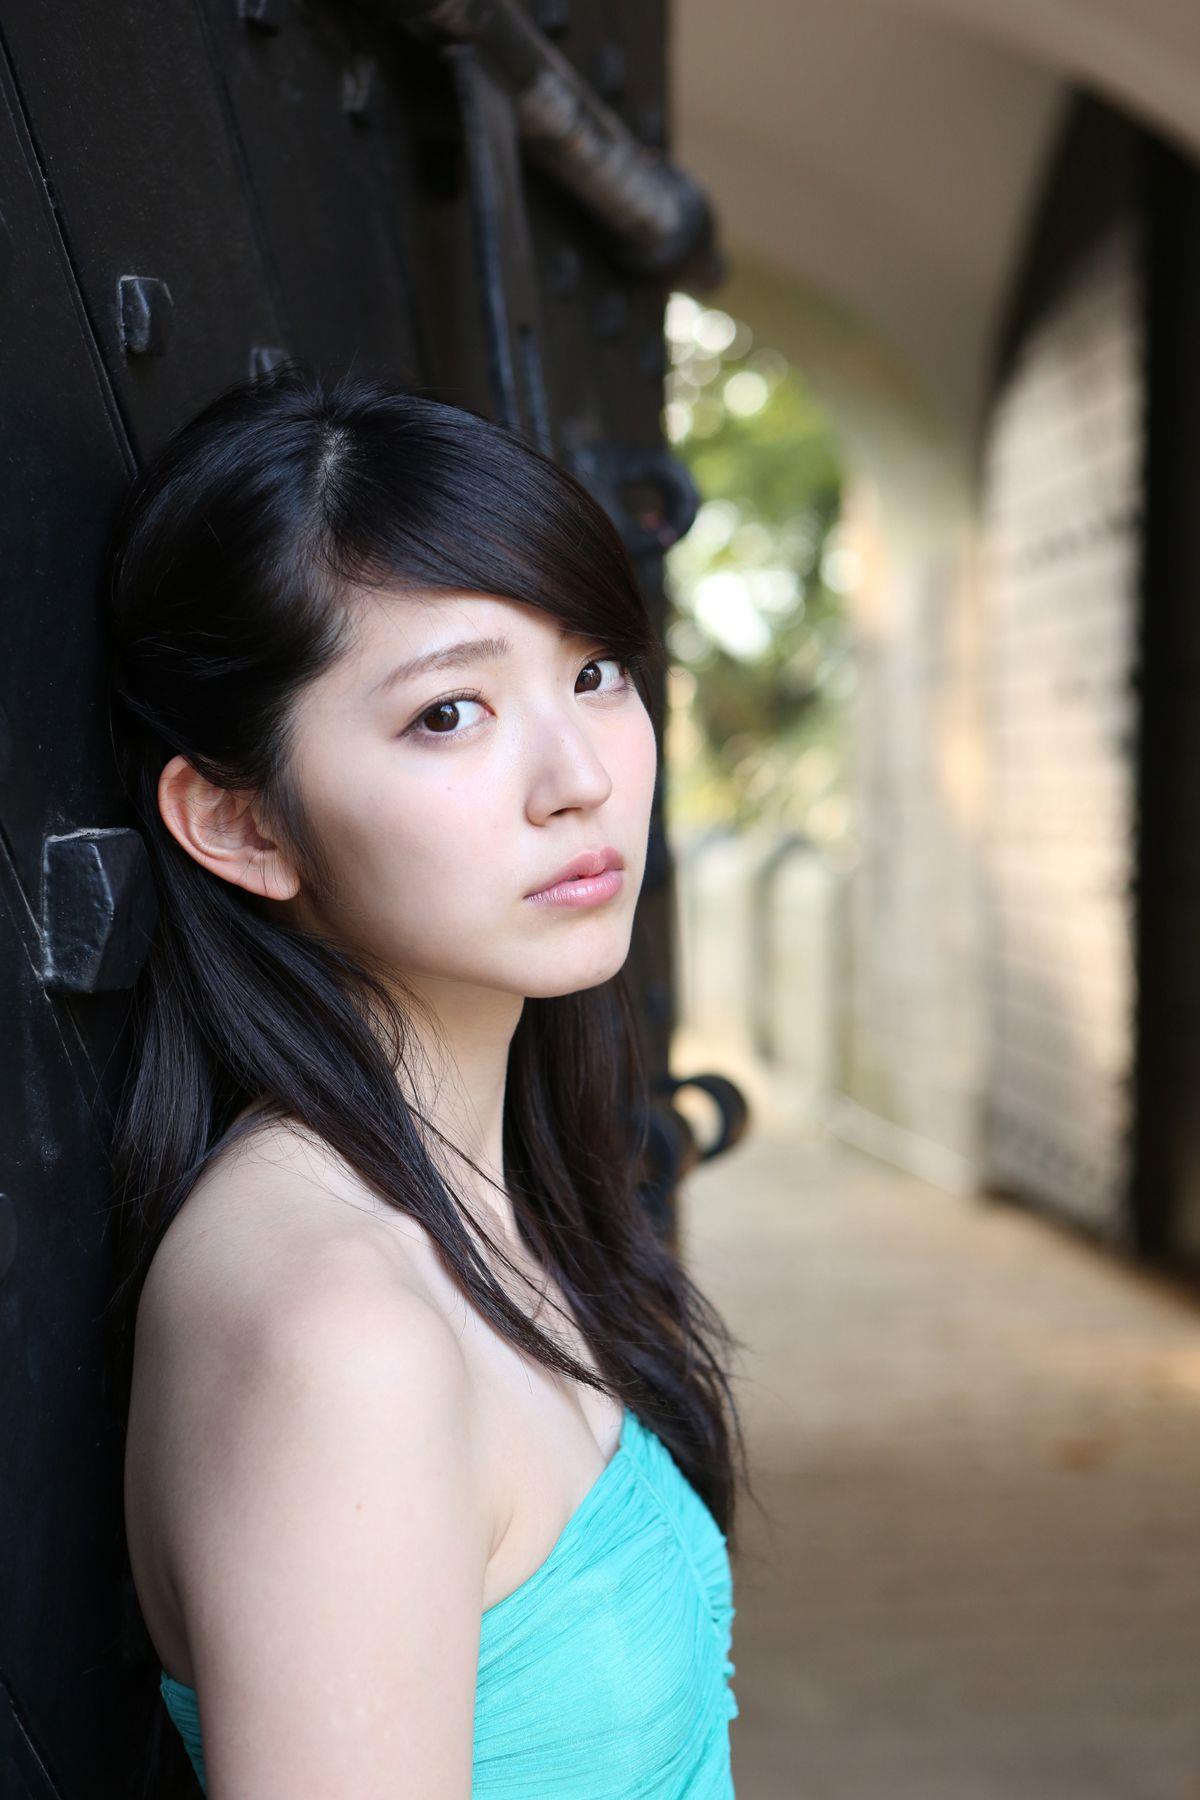 鈴木愛理(℃-ute) 画像 48